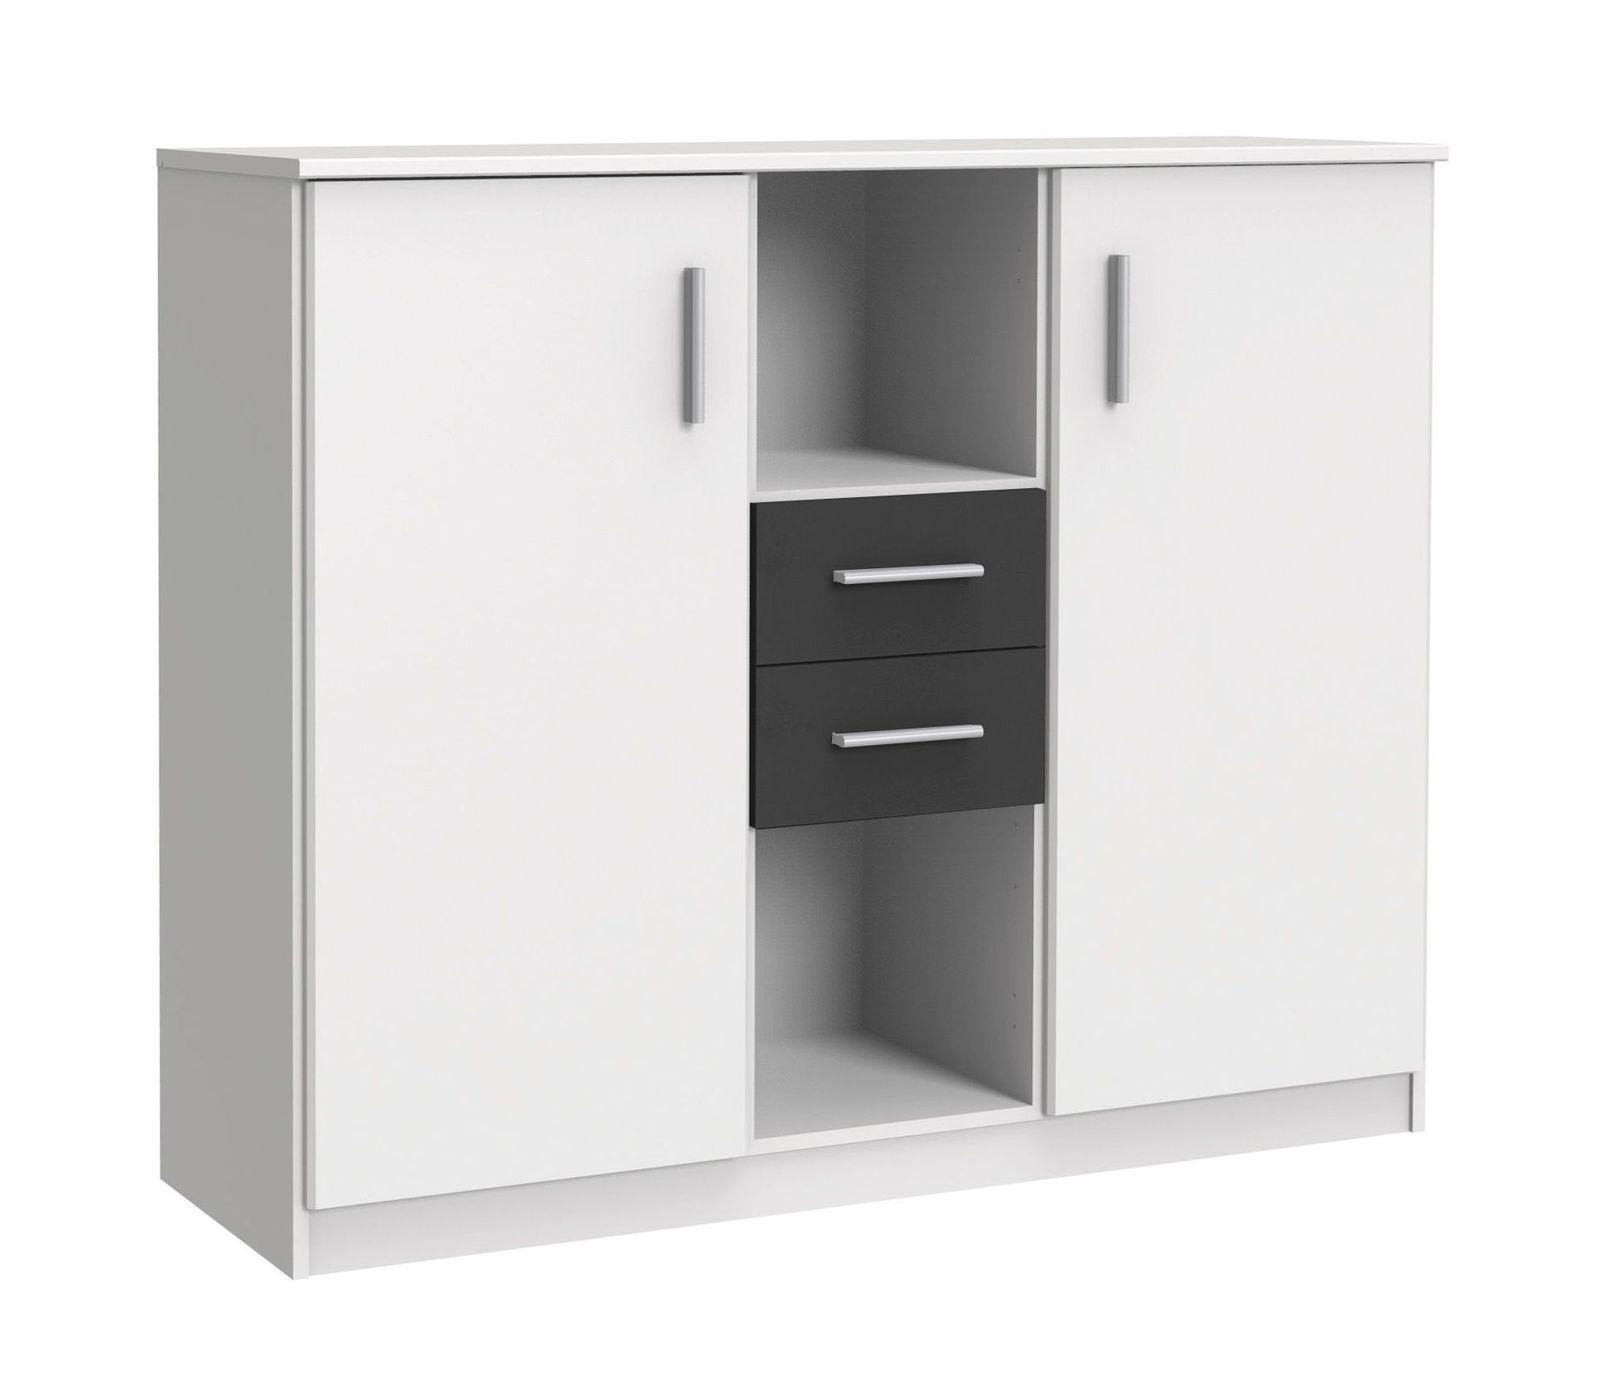 g nstiges highboard mit offenen f chern und schubladen facundo. Black Bedroom Furniture Sets. Home Design Ideas